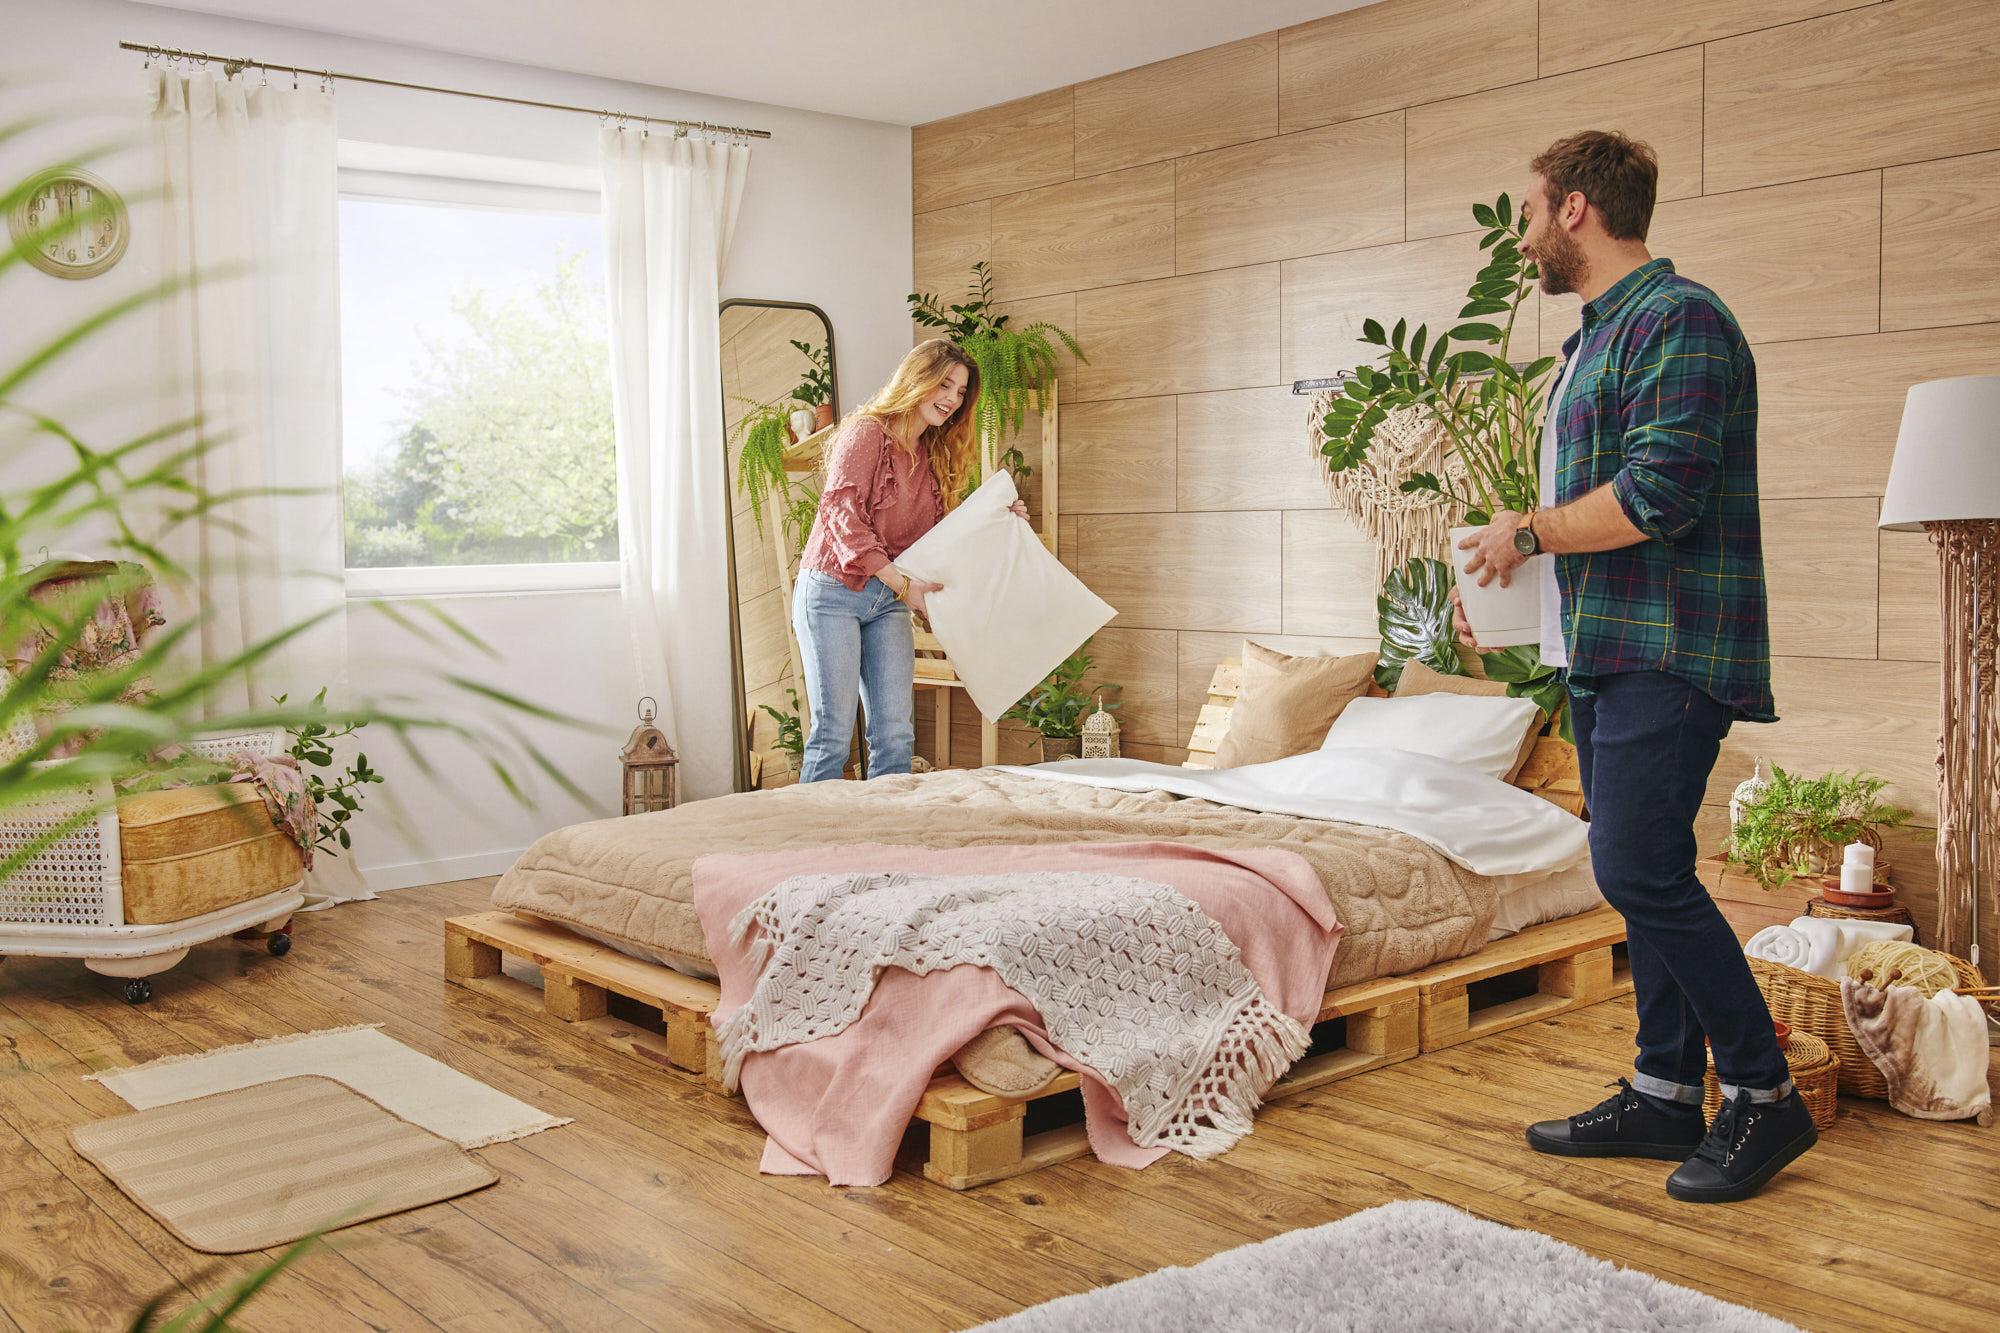 Zdjęcie do kampani reklamowej Walldesign autorstwa Mateusza Drozda